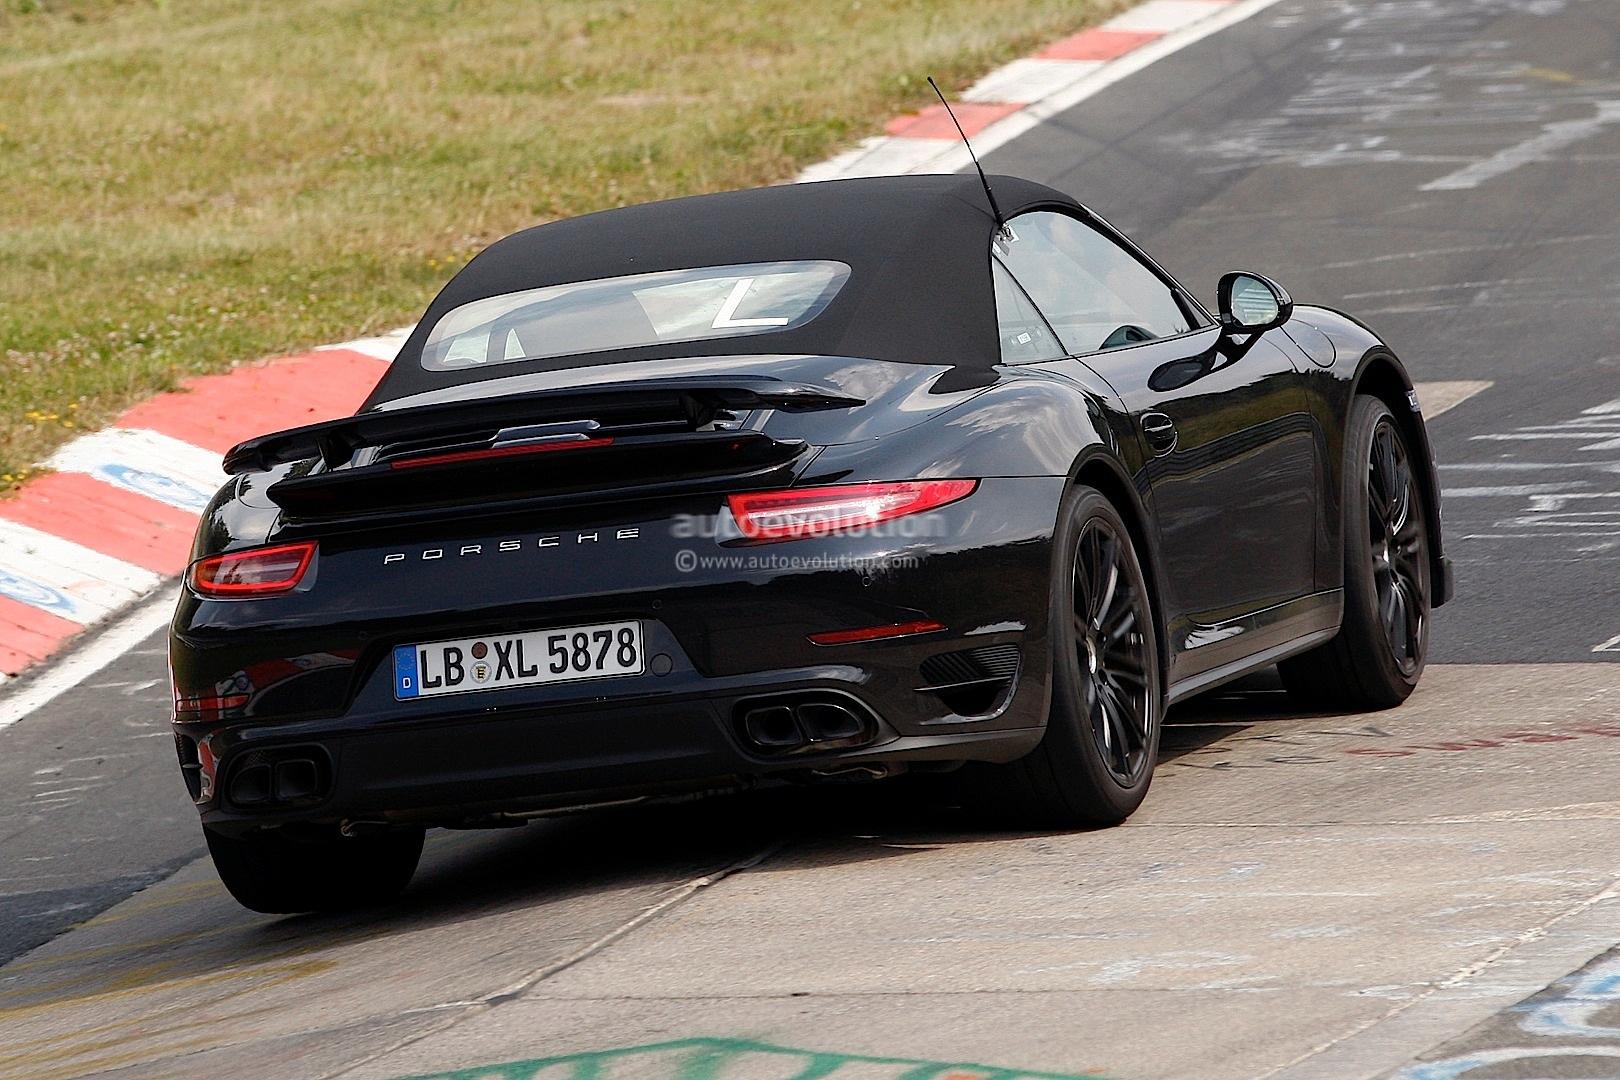 new spyshots show 2014 porsche 911 turbo s convertible autoevolution - 911 Porsche Turbo 2014